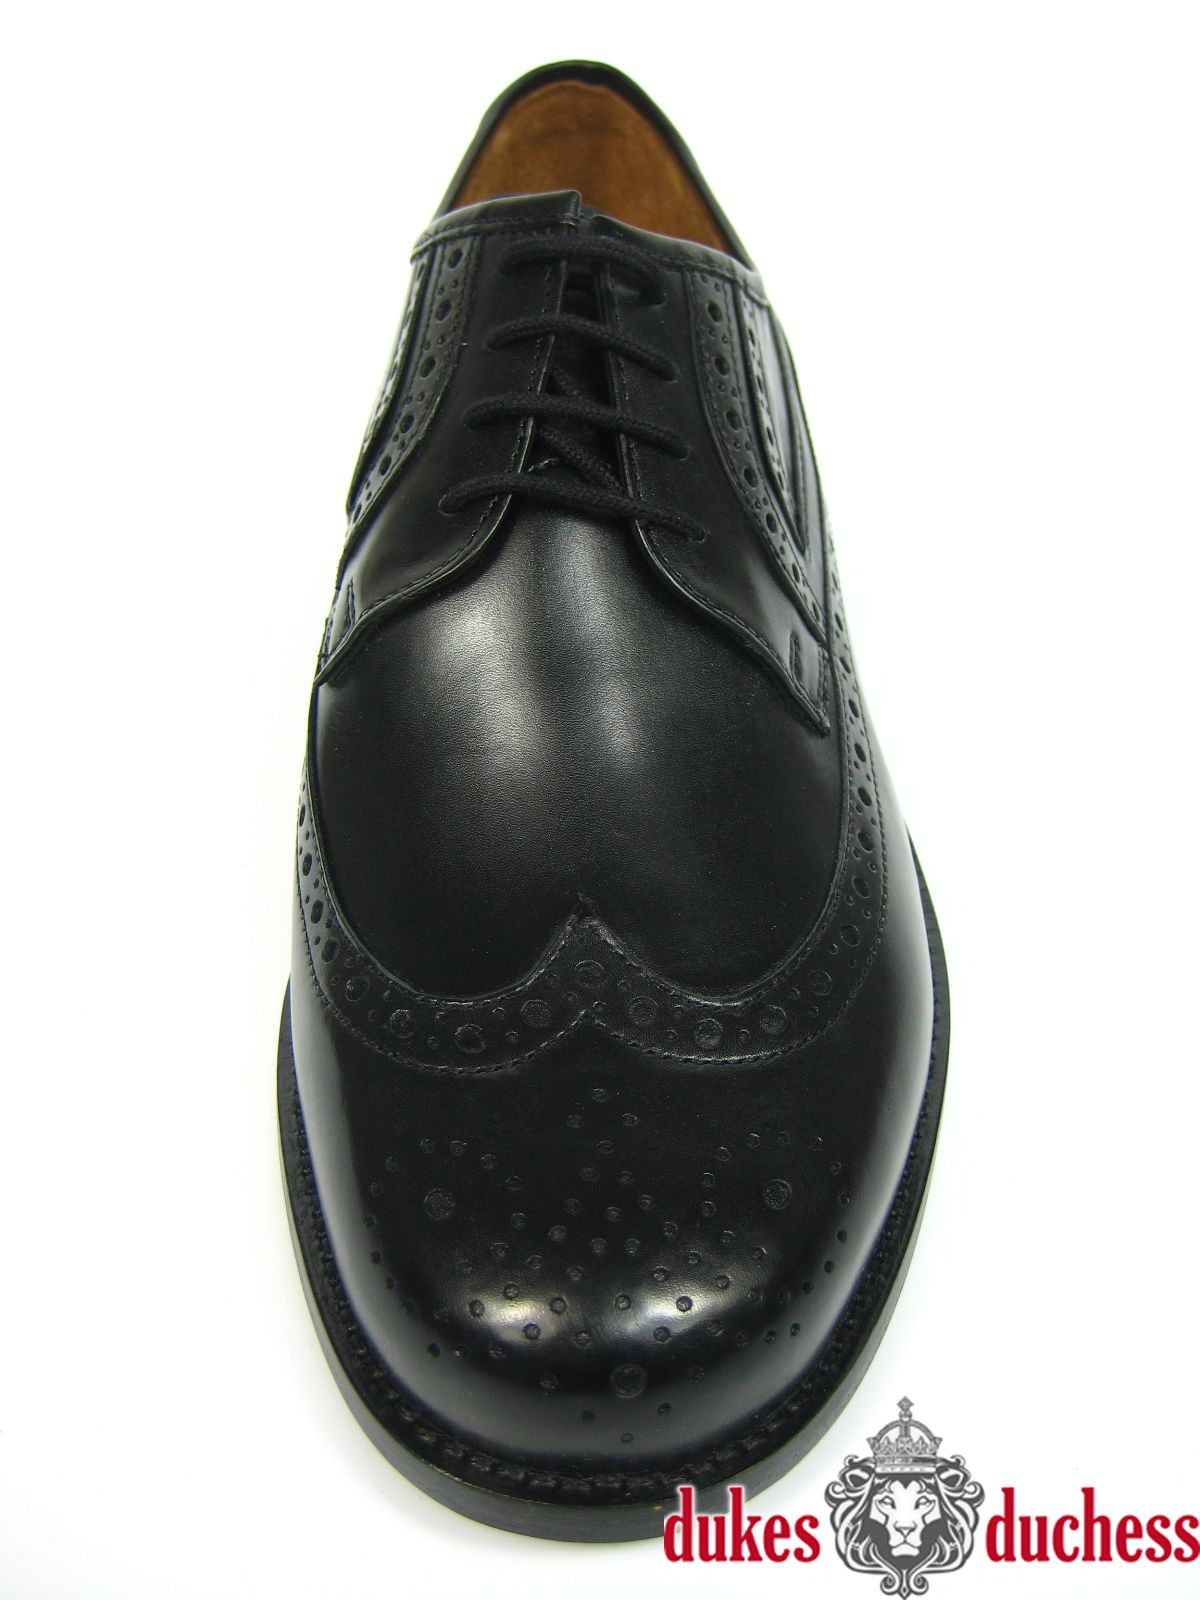 Exclusiver und trendiger MANZ Leder Schuh  Modell  162092-001 Veg-Calf   Hochwertige Ledersohle  Herren Schnür Schuh  Derby Budapester ... c80b245a65